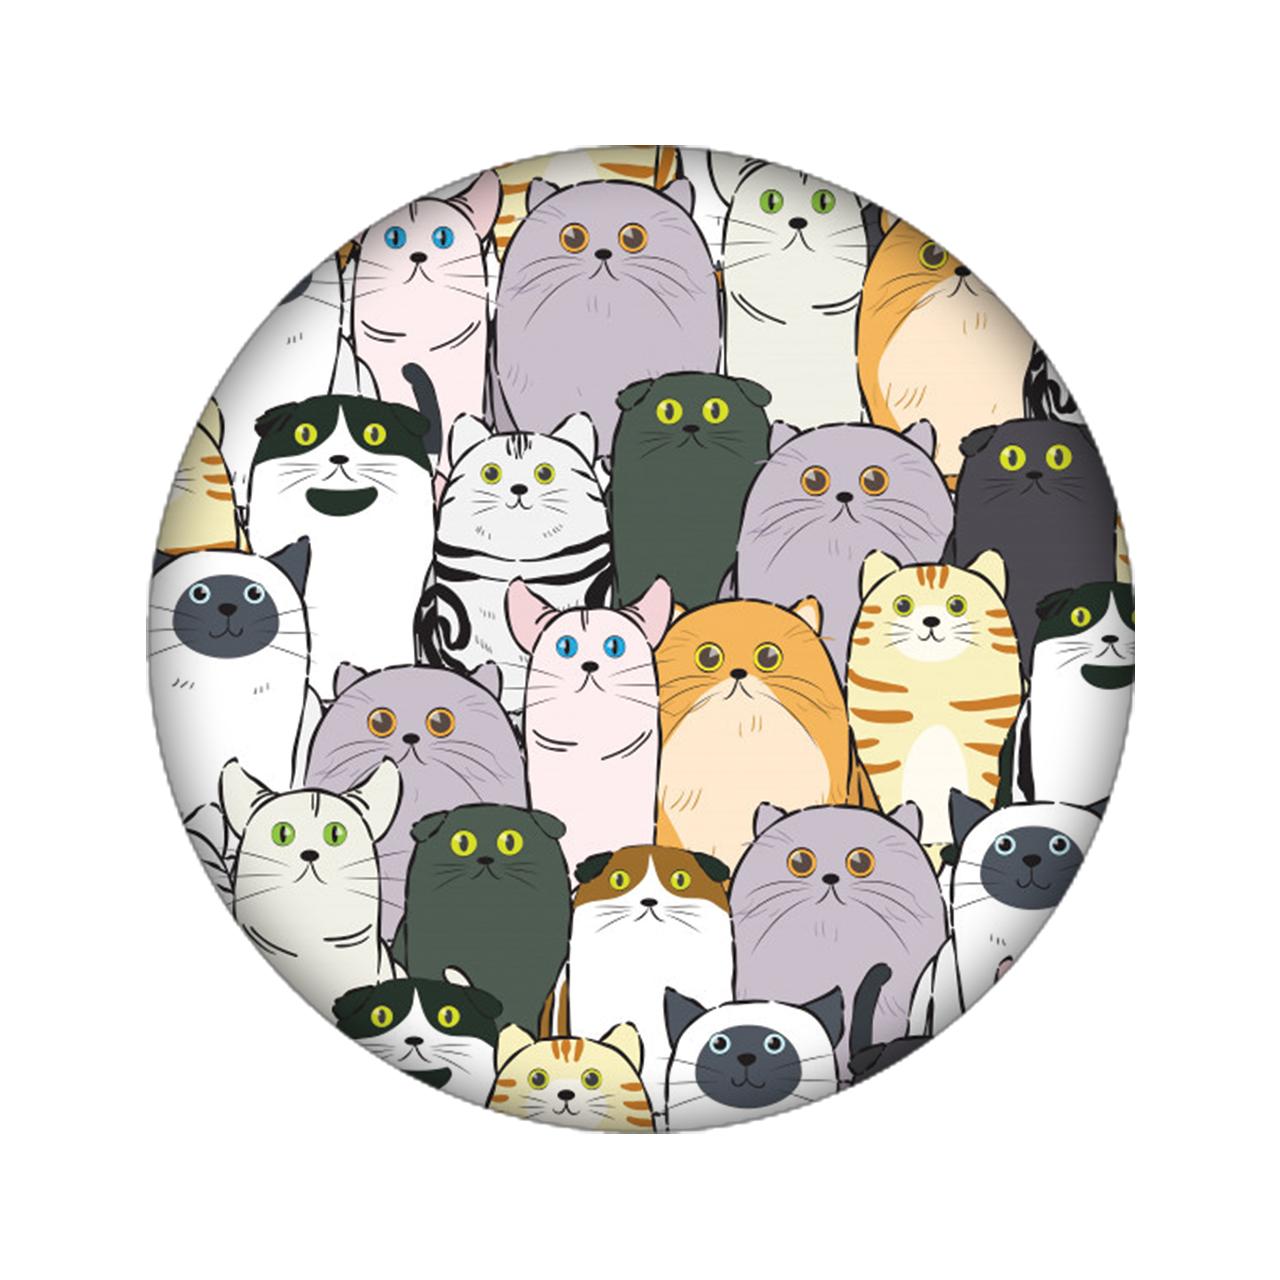 خرید اینترنتی [با تخفیف] برچسب کنسول بازی مدل گربه کد 1559 اورجینال